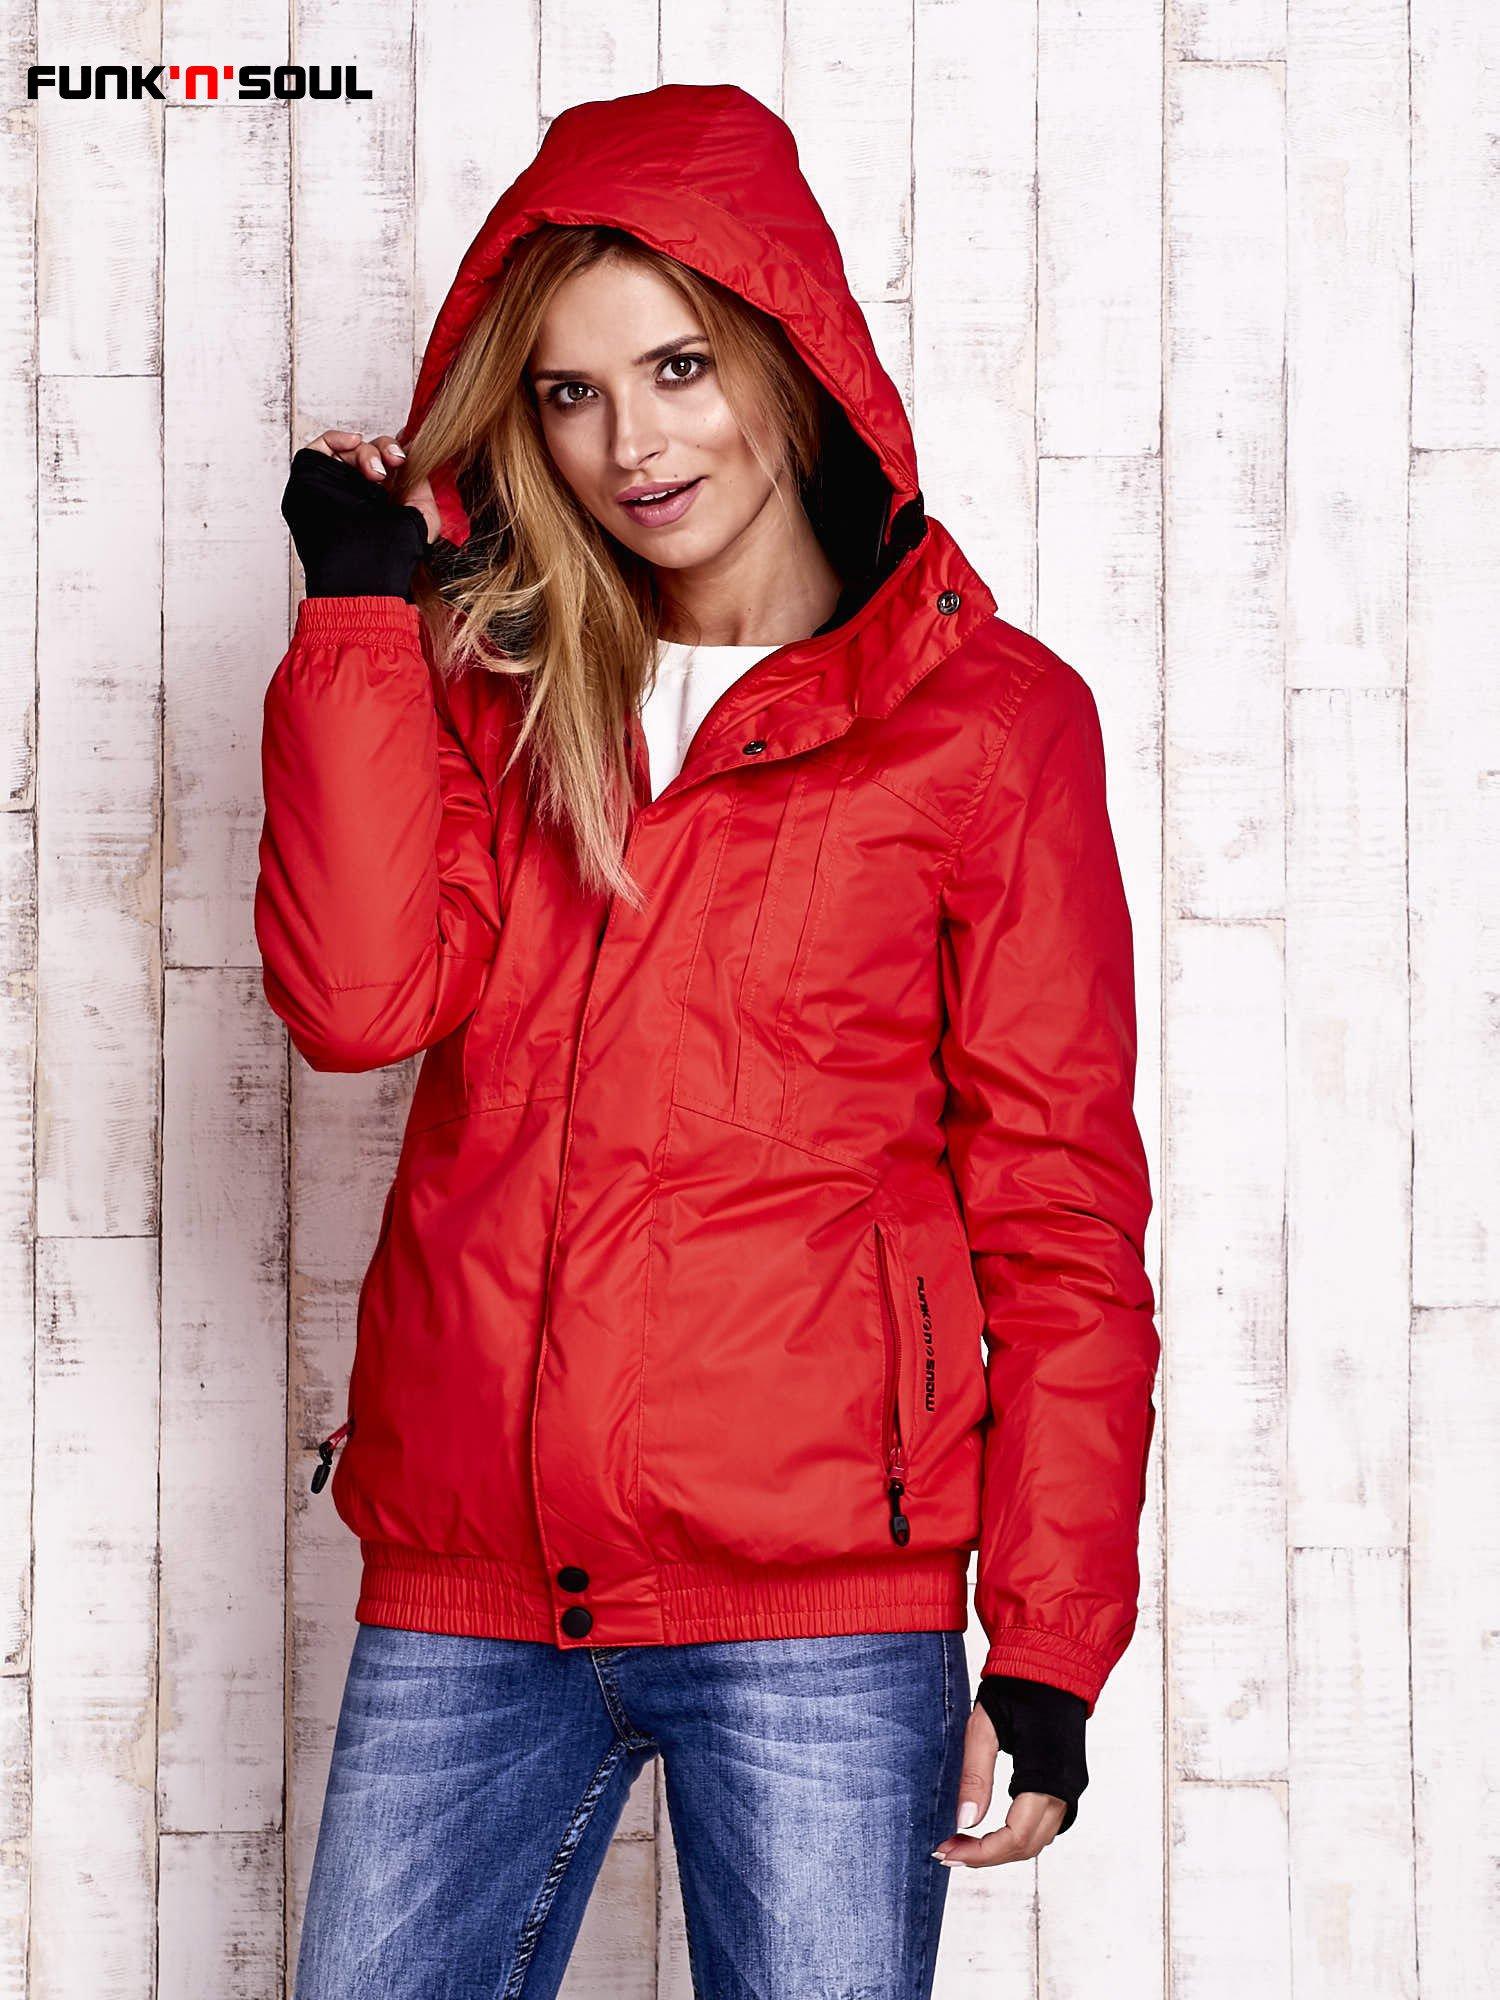 Czerwona ocieplana kurtka narciarska z kapturem FUNK N SOUL                                  zdj.                                  5